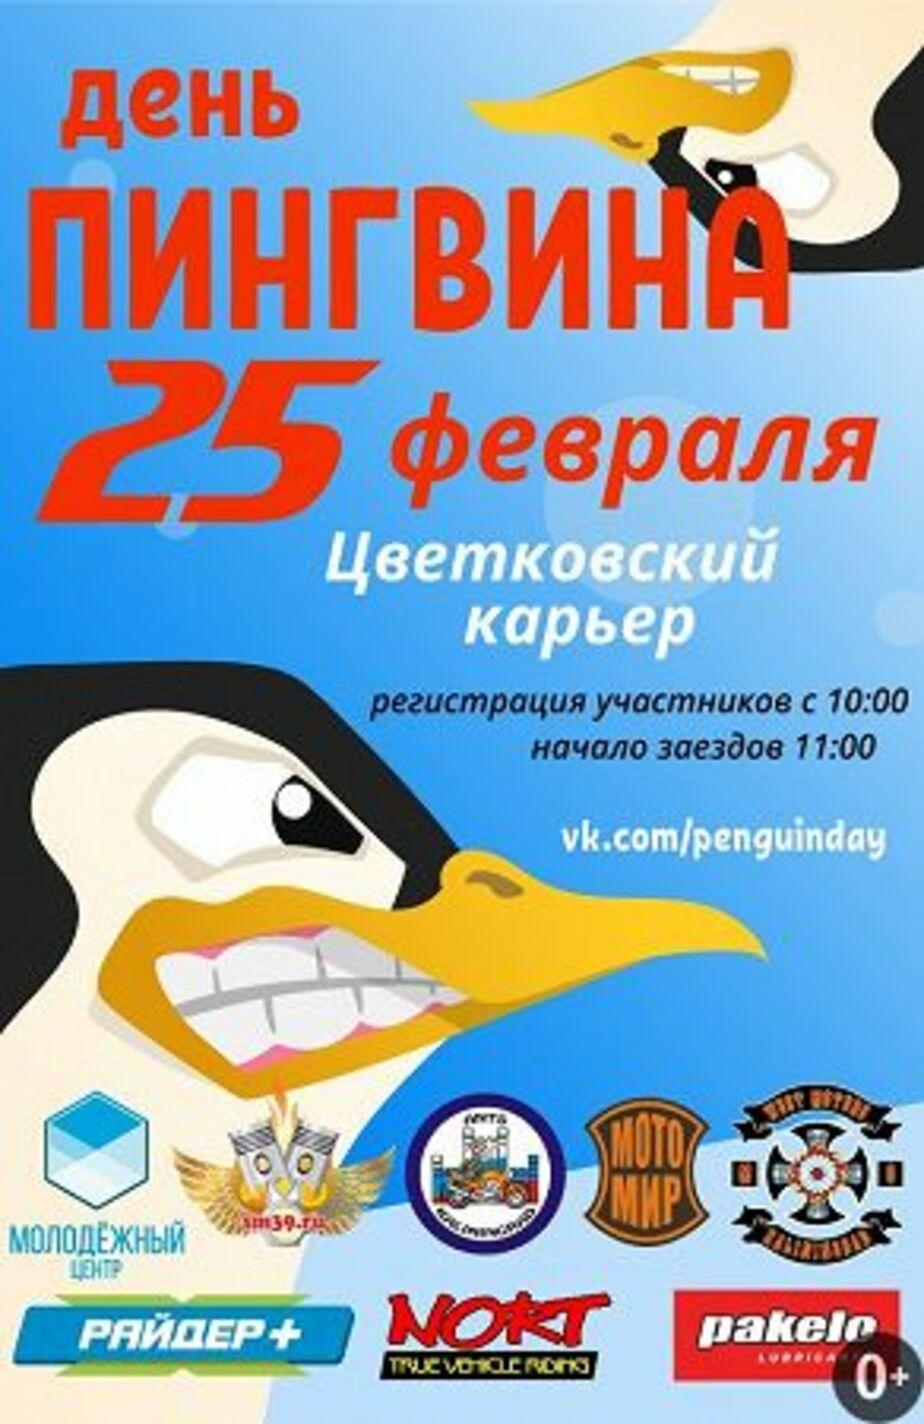 """Группа """"День пингвина 2018"""" / """"ВКонтакте"""""""